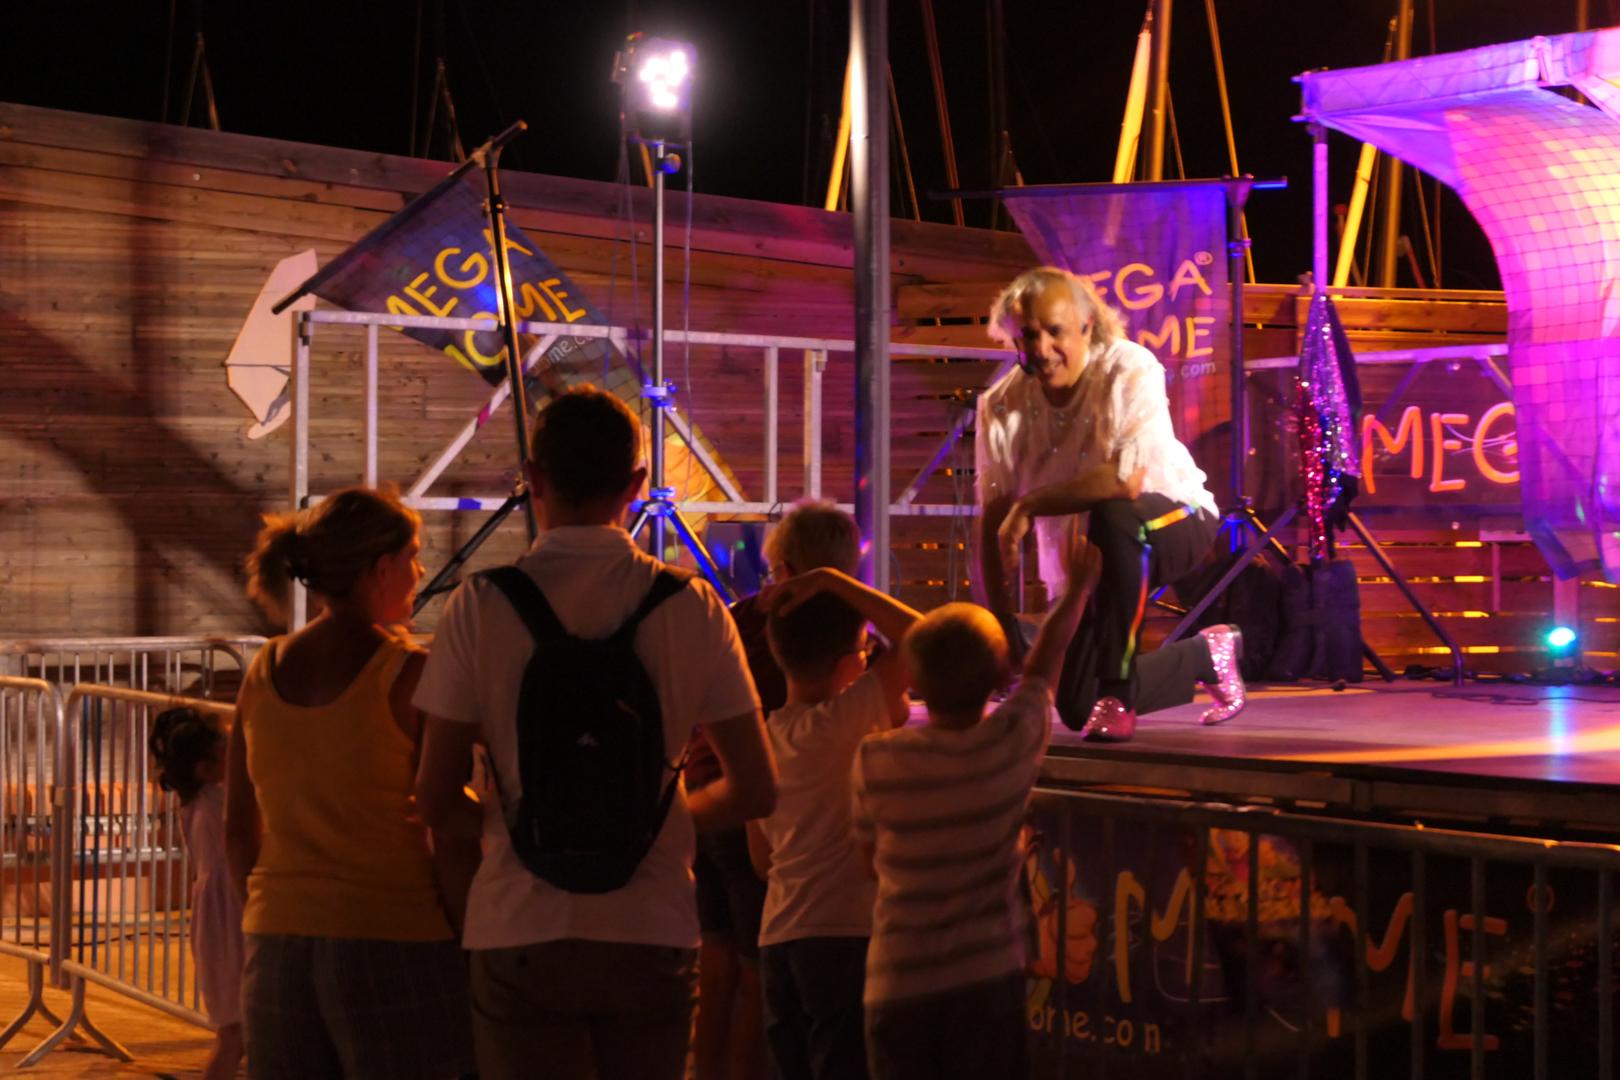 Mega Mome Été 2021 Un Bal pour Enfants en bord de plage, une soirée exceptionnelle pour le plus grand bonheur des enfants et des familles.